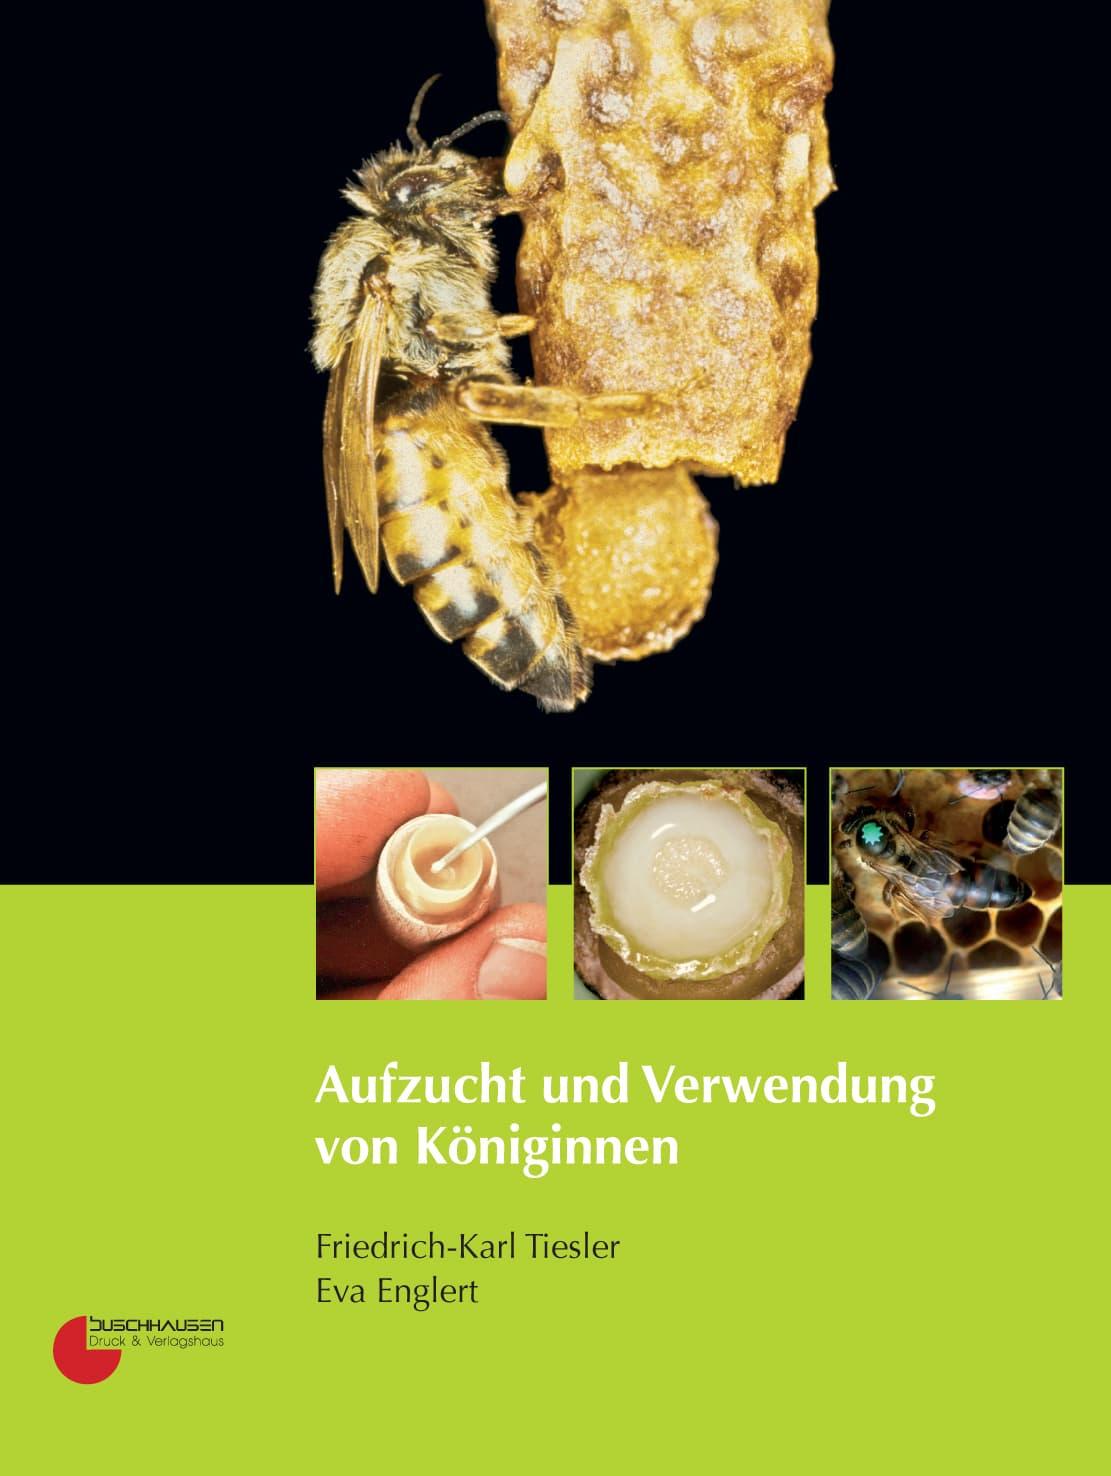 Aufzucht und Verwendung von Königinnen, F.-K. Tiesler, E.Englert, Buschhausen Verlag